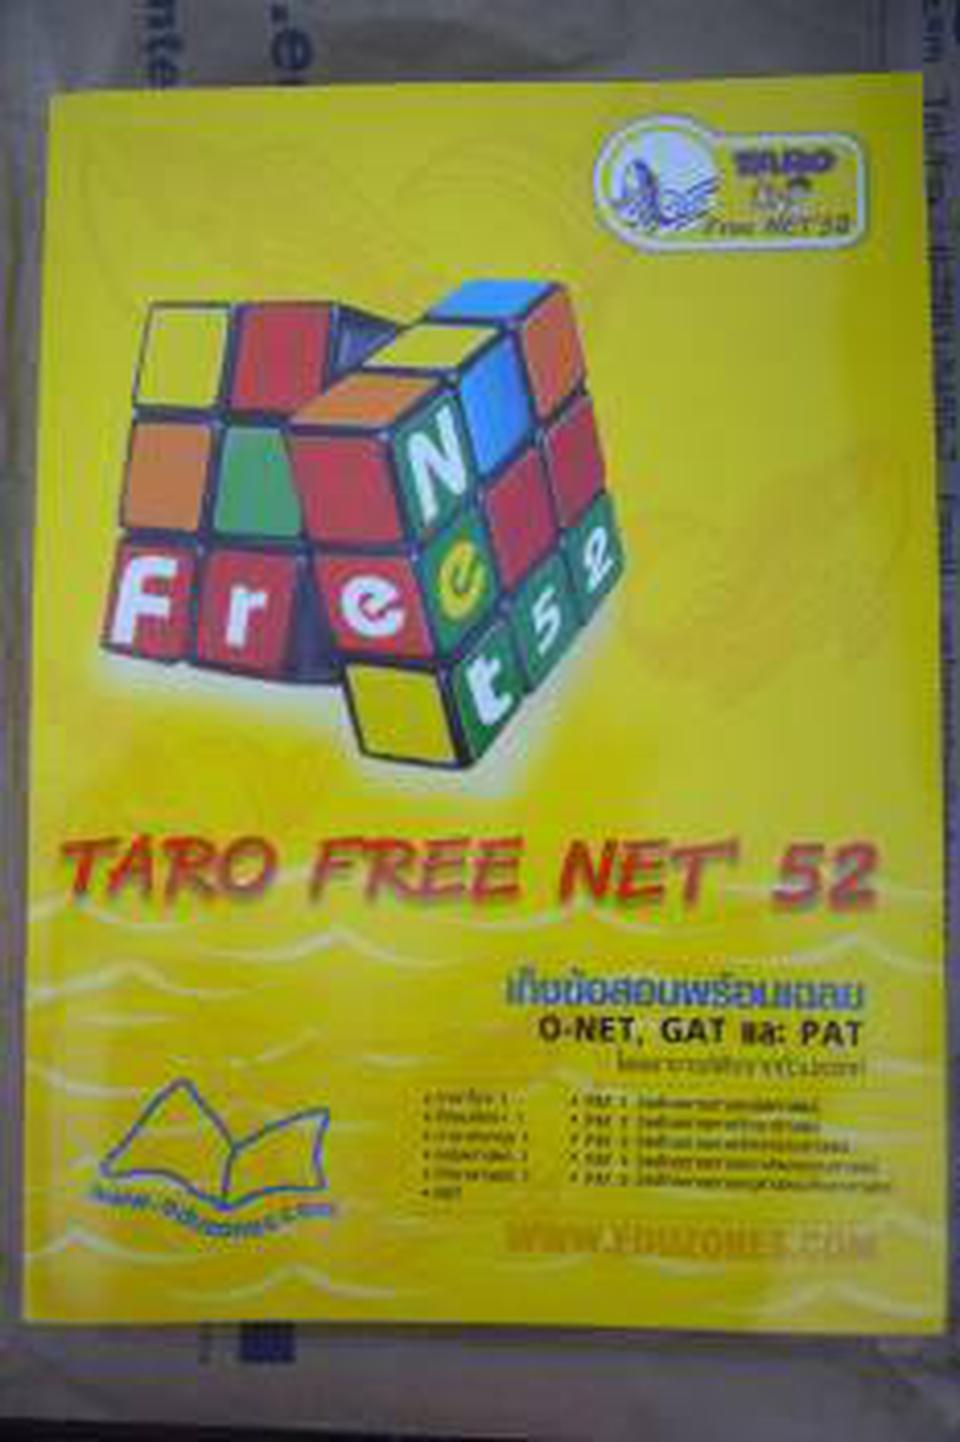 ขายหนังสือเก็งข้อสอบ ทาโร O-net GAT PAT1 PAT2 PAT3 PAT4 และ PAT5 ไม่ได้วางขายทั่่วไป พร้อมเฉลย สำหรับเตรียมสอบ Ent 4.0 แ รูปที่ 1